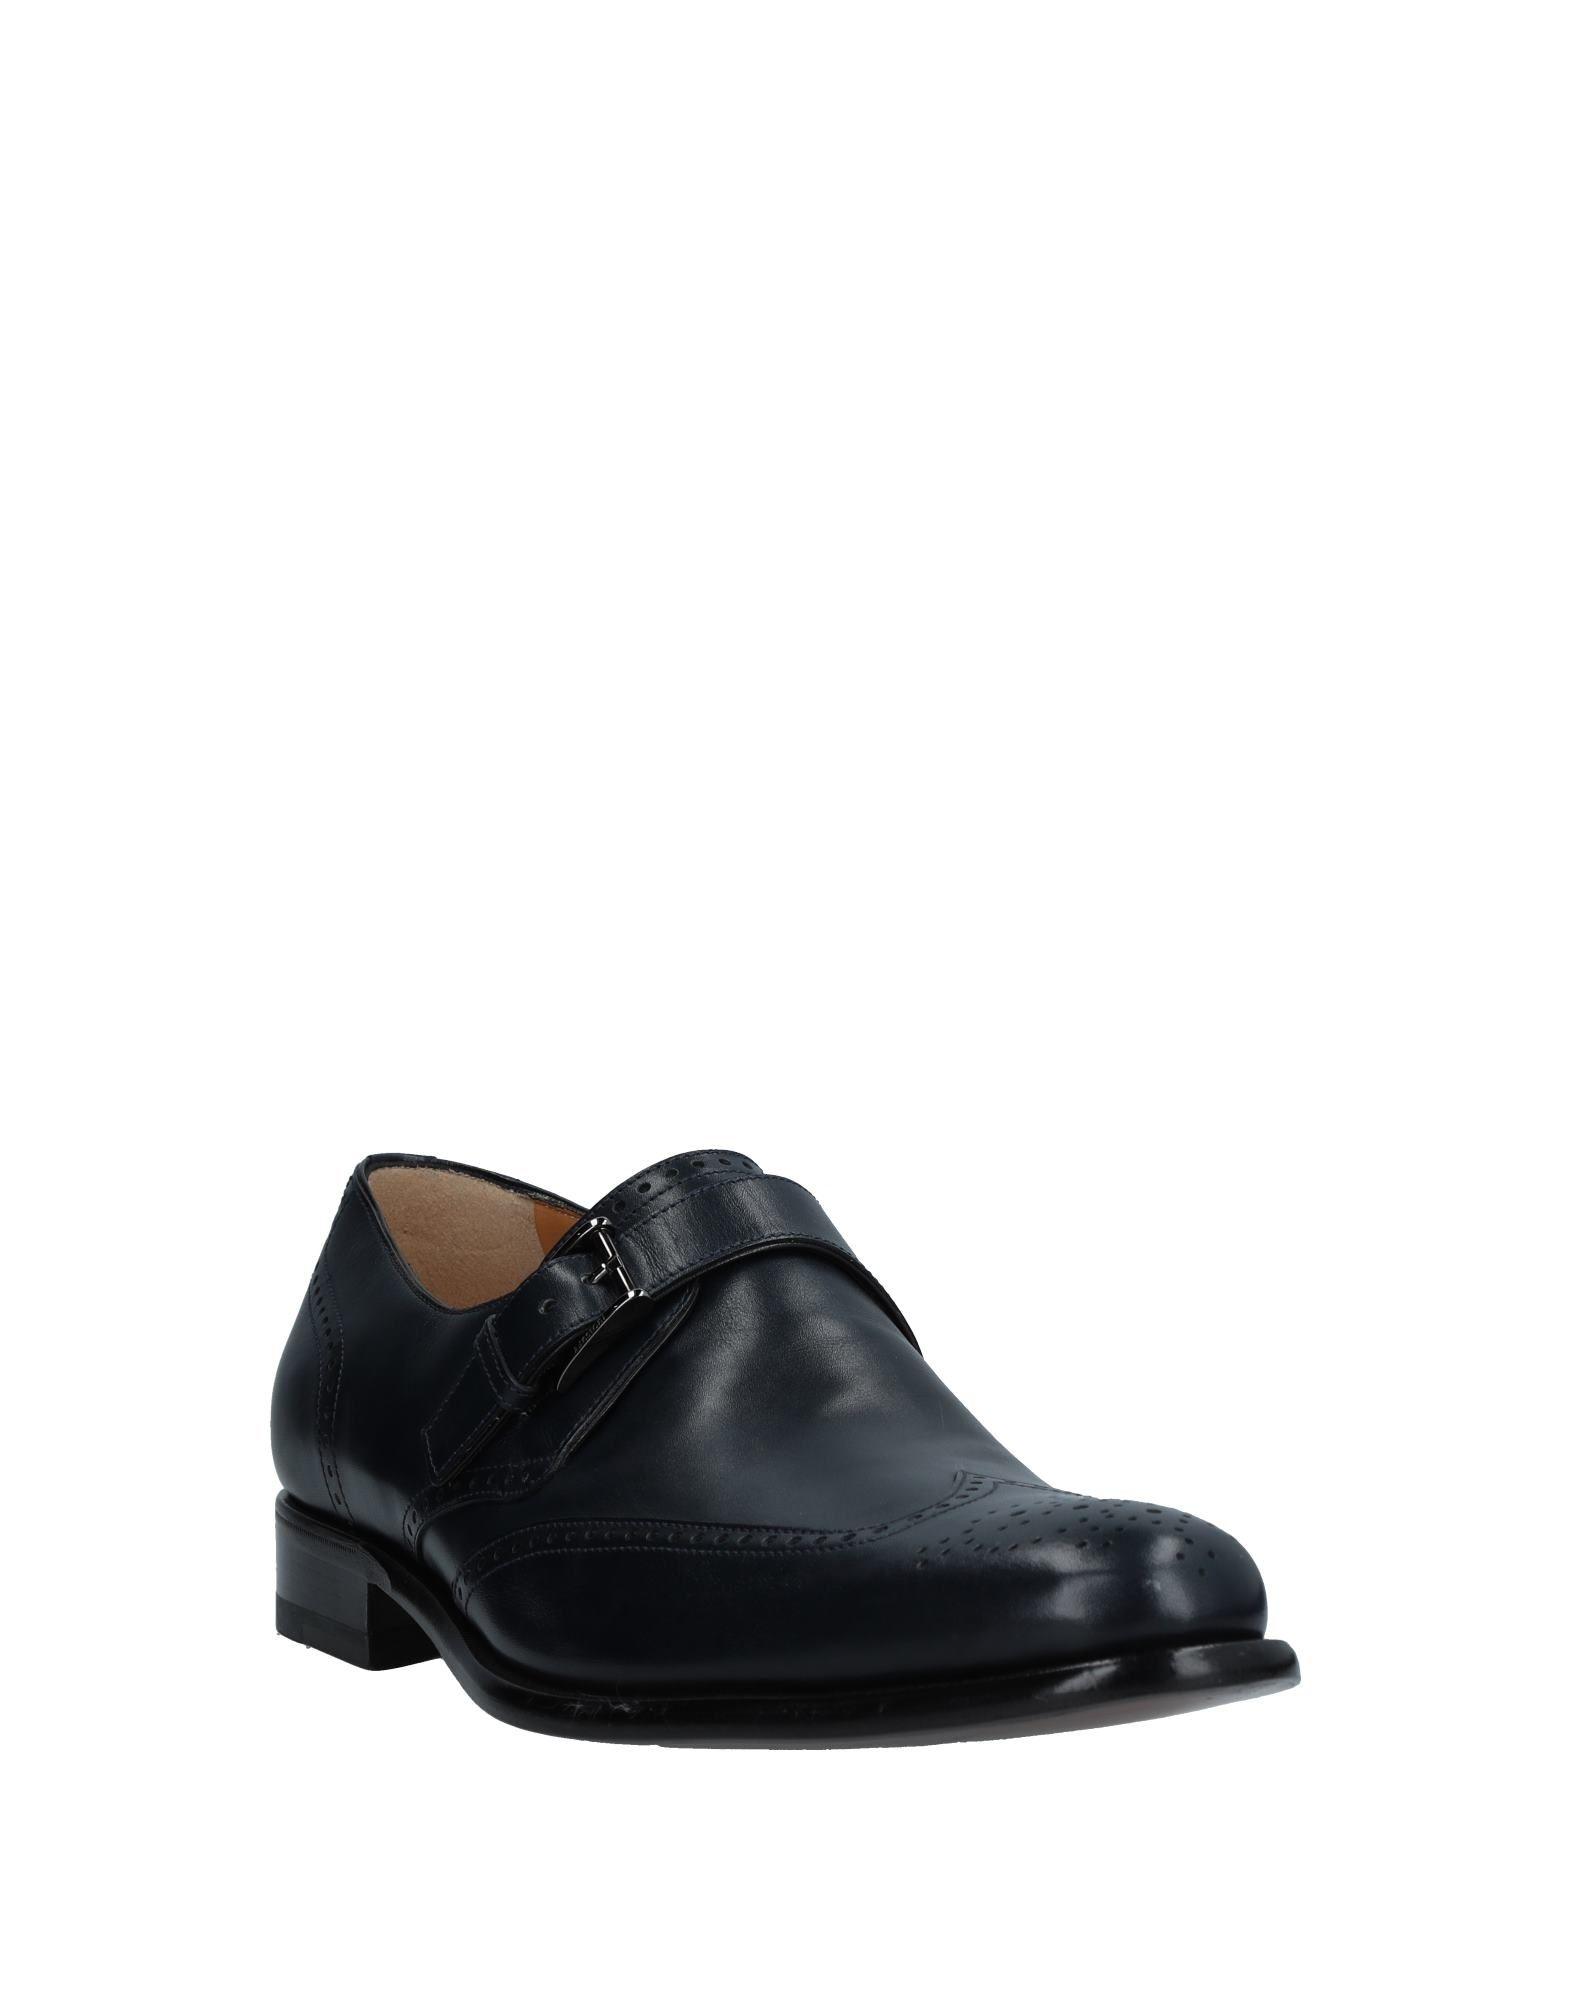 A.Testoni Mokassins Herren  11540310SX 11540310SX 11540310SX Gute Qualität beliebte Schuhe cd1f62